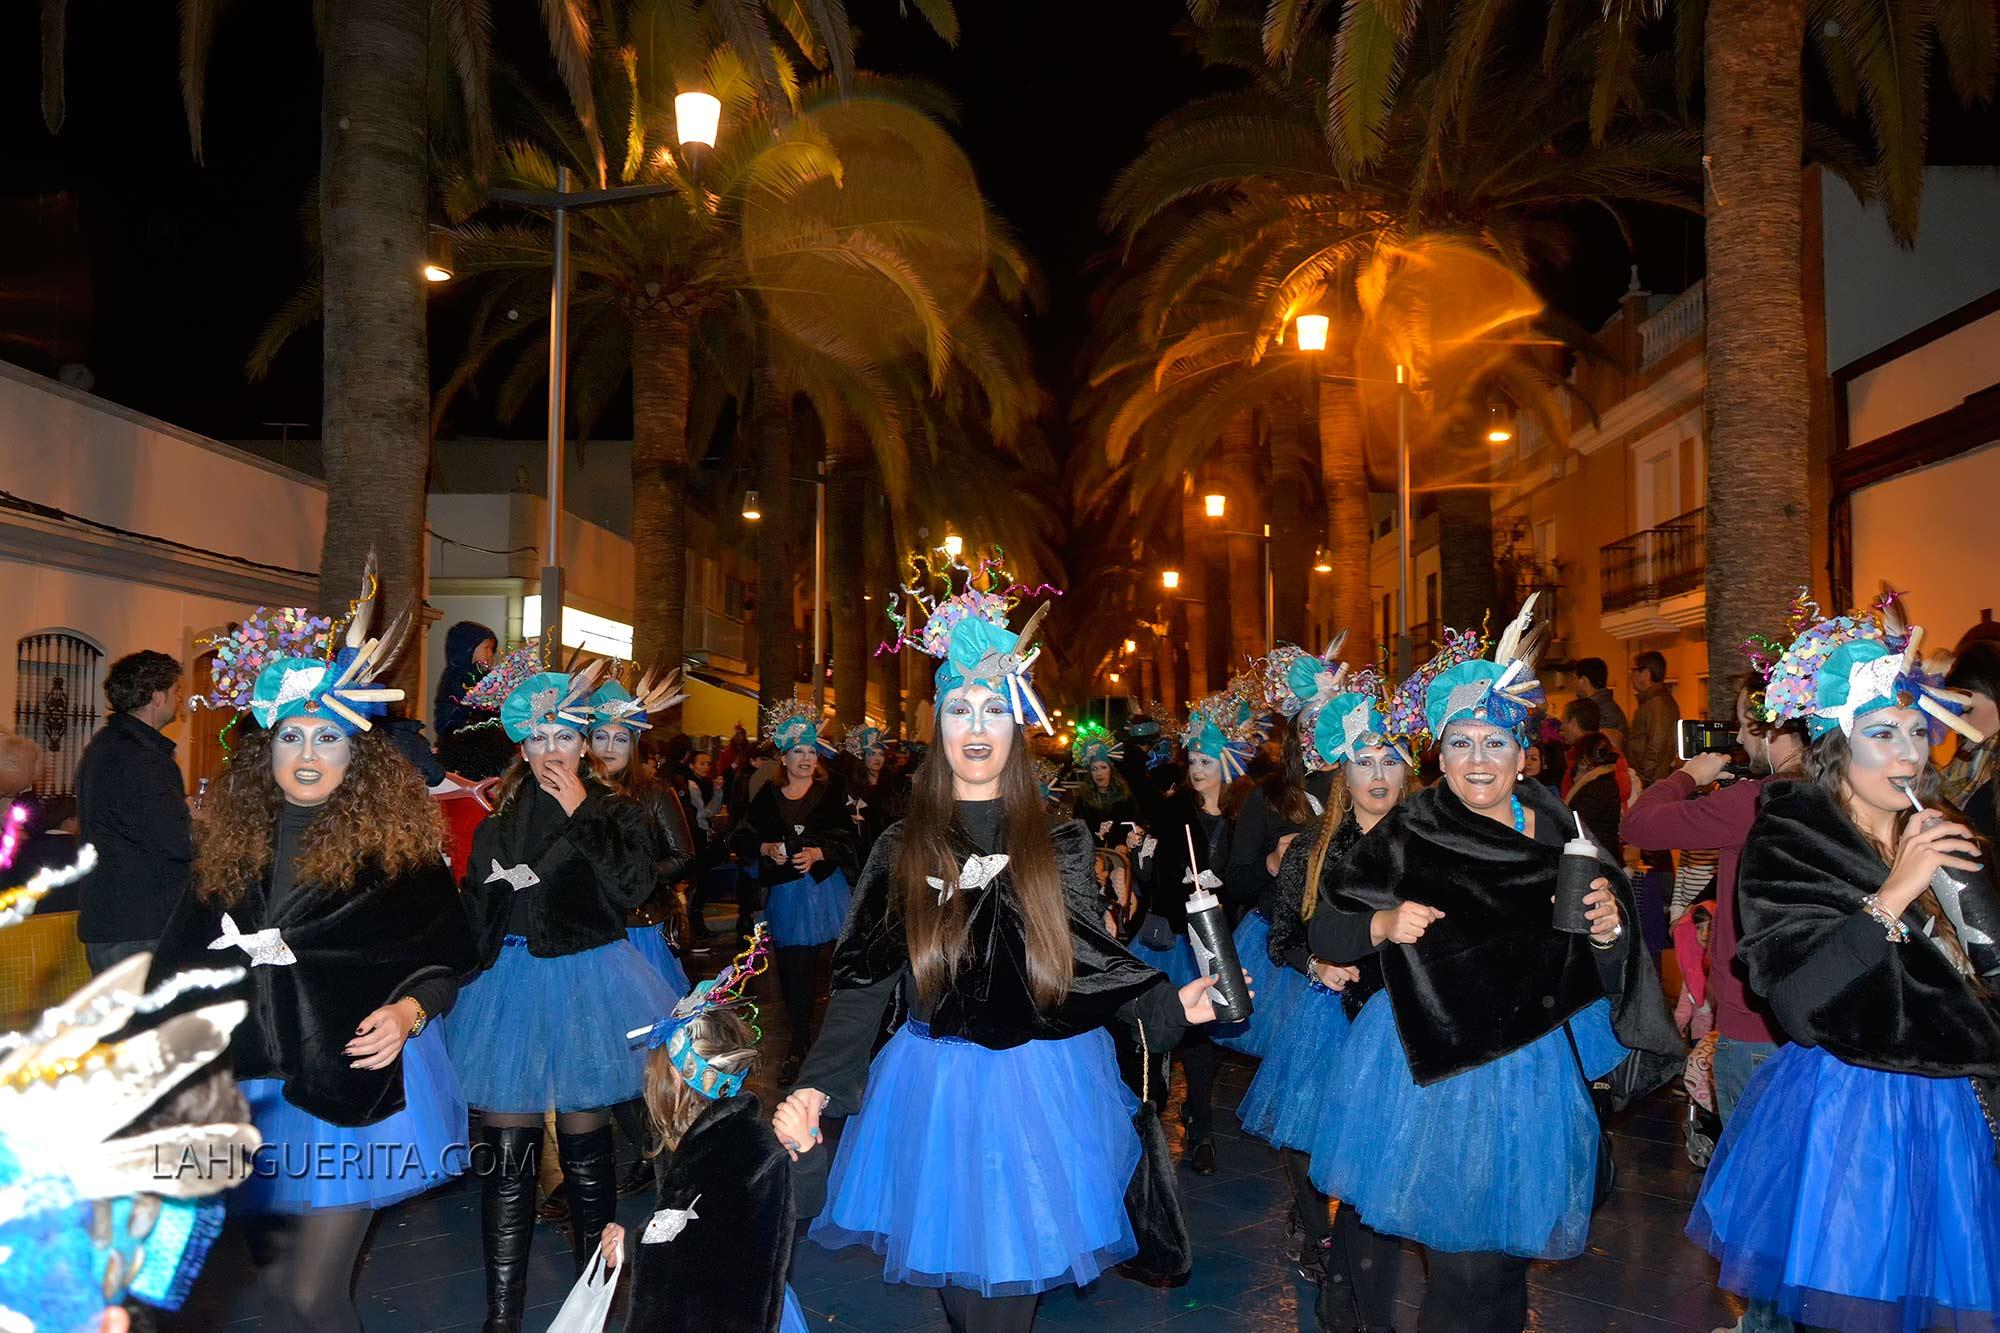 Entierro de la sardina carnaval isla cristina _DSC2167